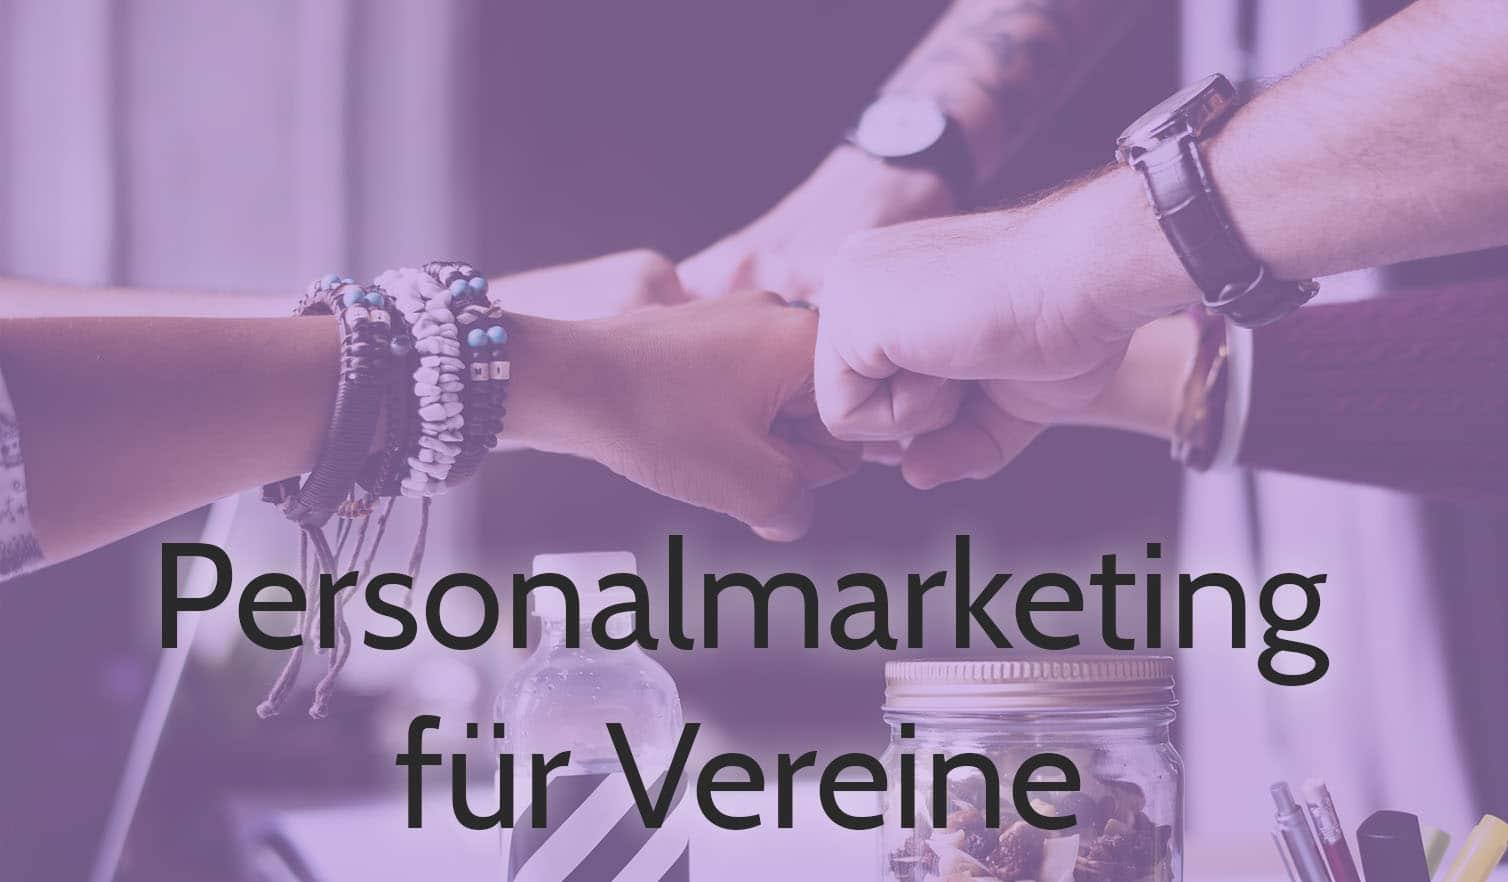 personalmarketing für vereine hände